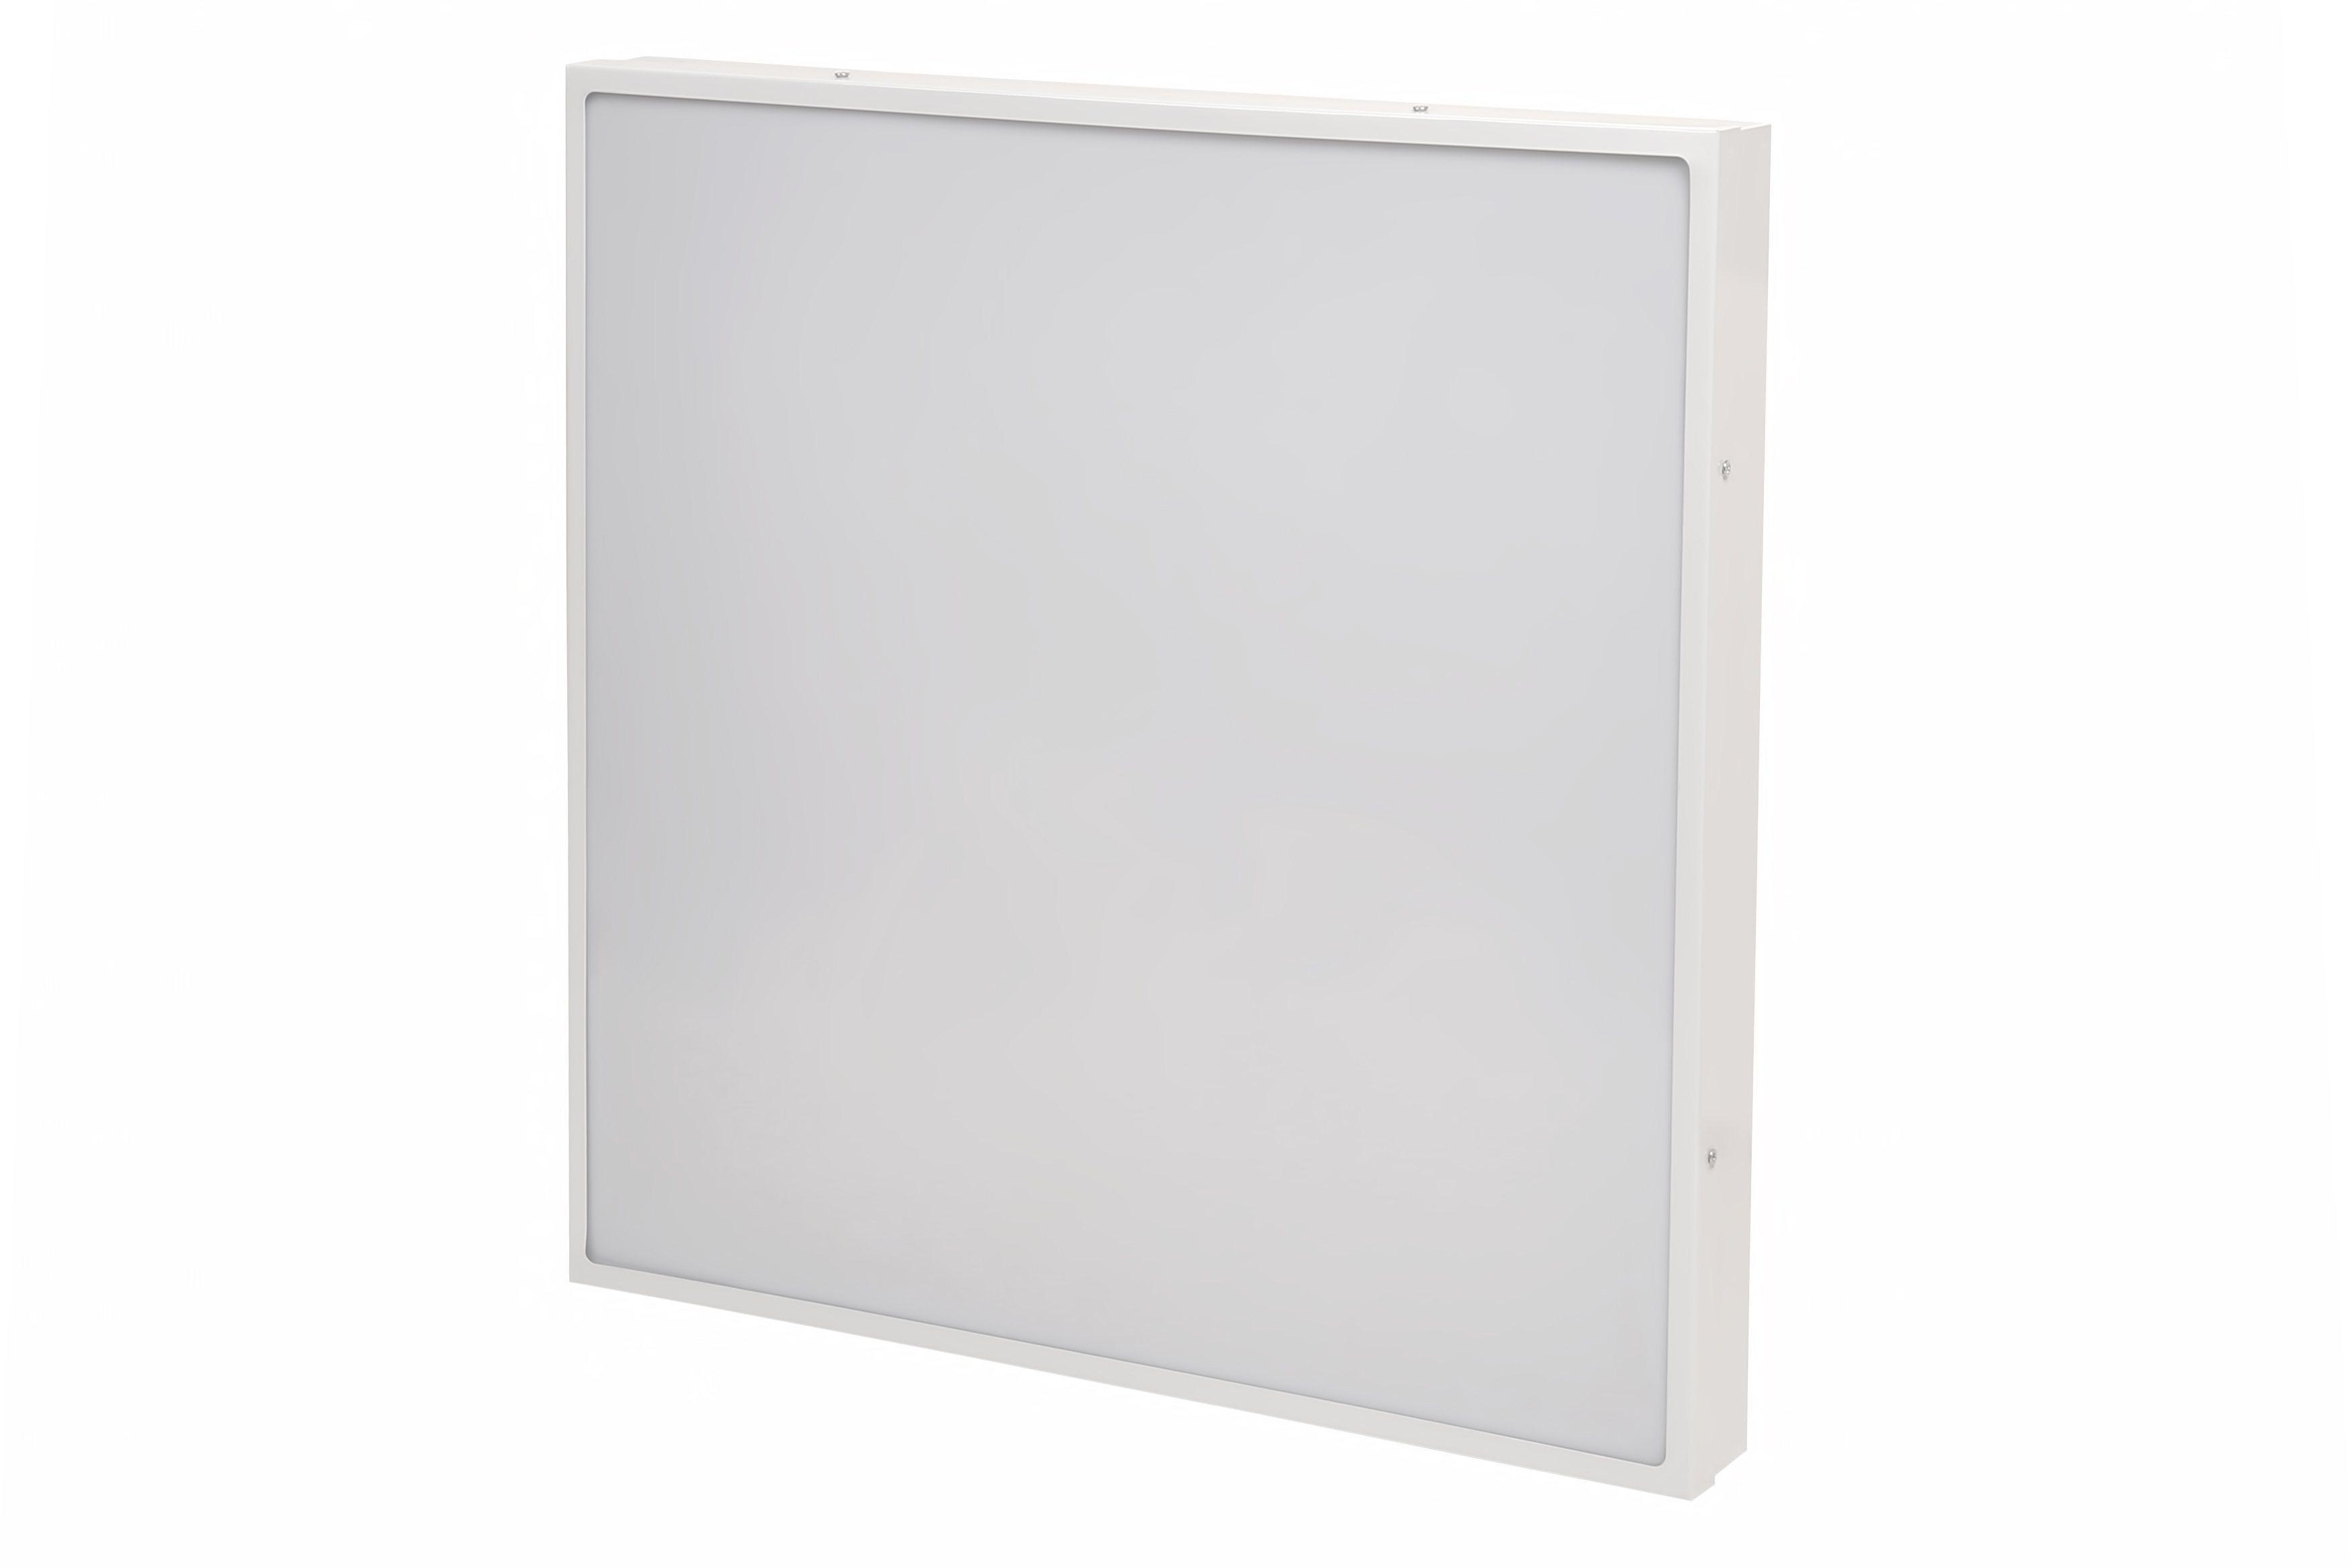 Универсальный светодиодный светильник Ledcraft LC-USZS-40DW 595x595x58 40W Нейтральный белый